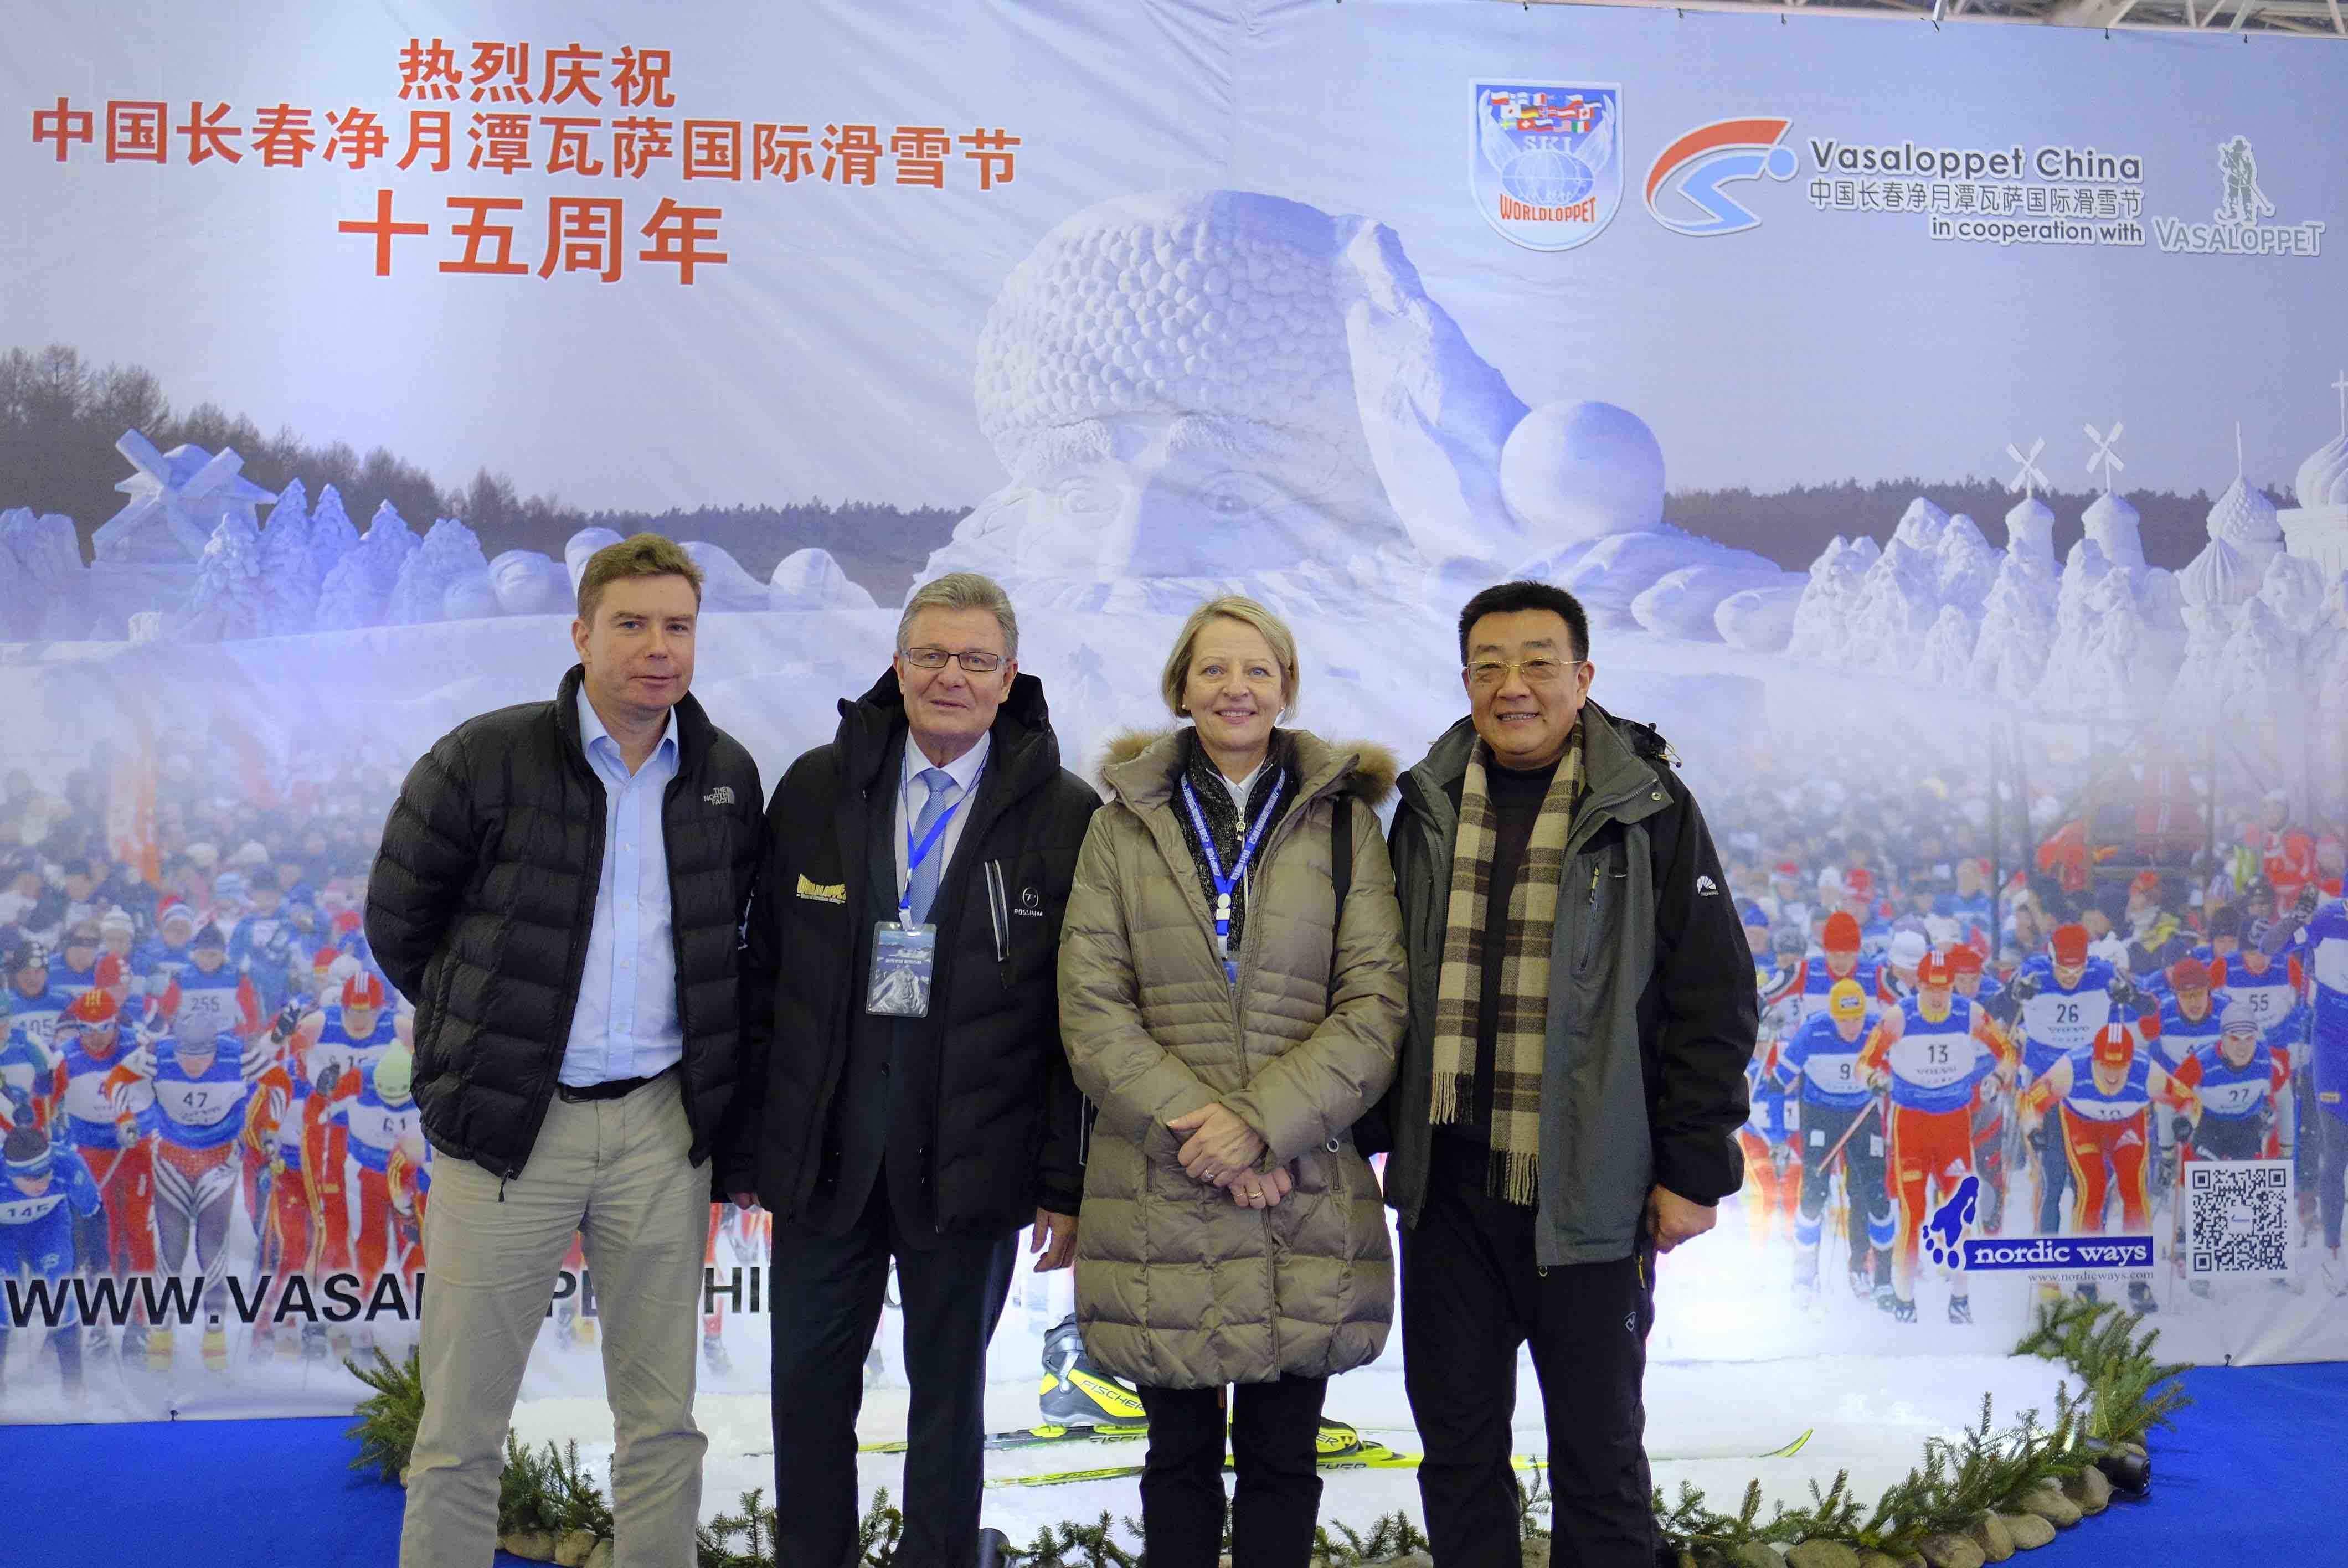 诺迪维瓦萨公司携瓦萨滑雪节出席首届中国吉林国际冰雪旅游产业博览会